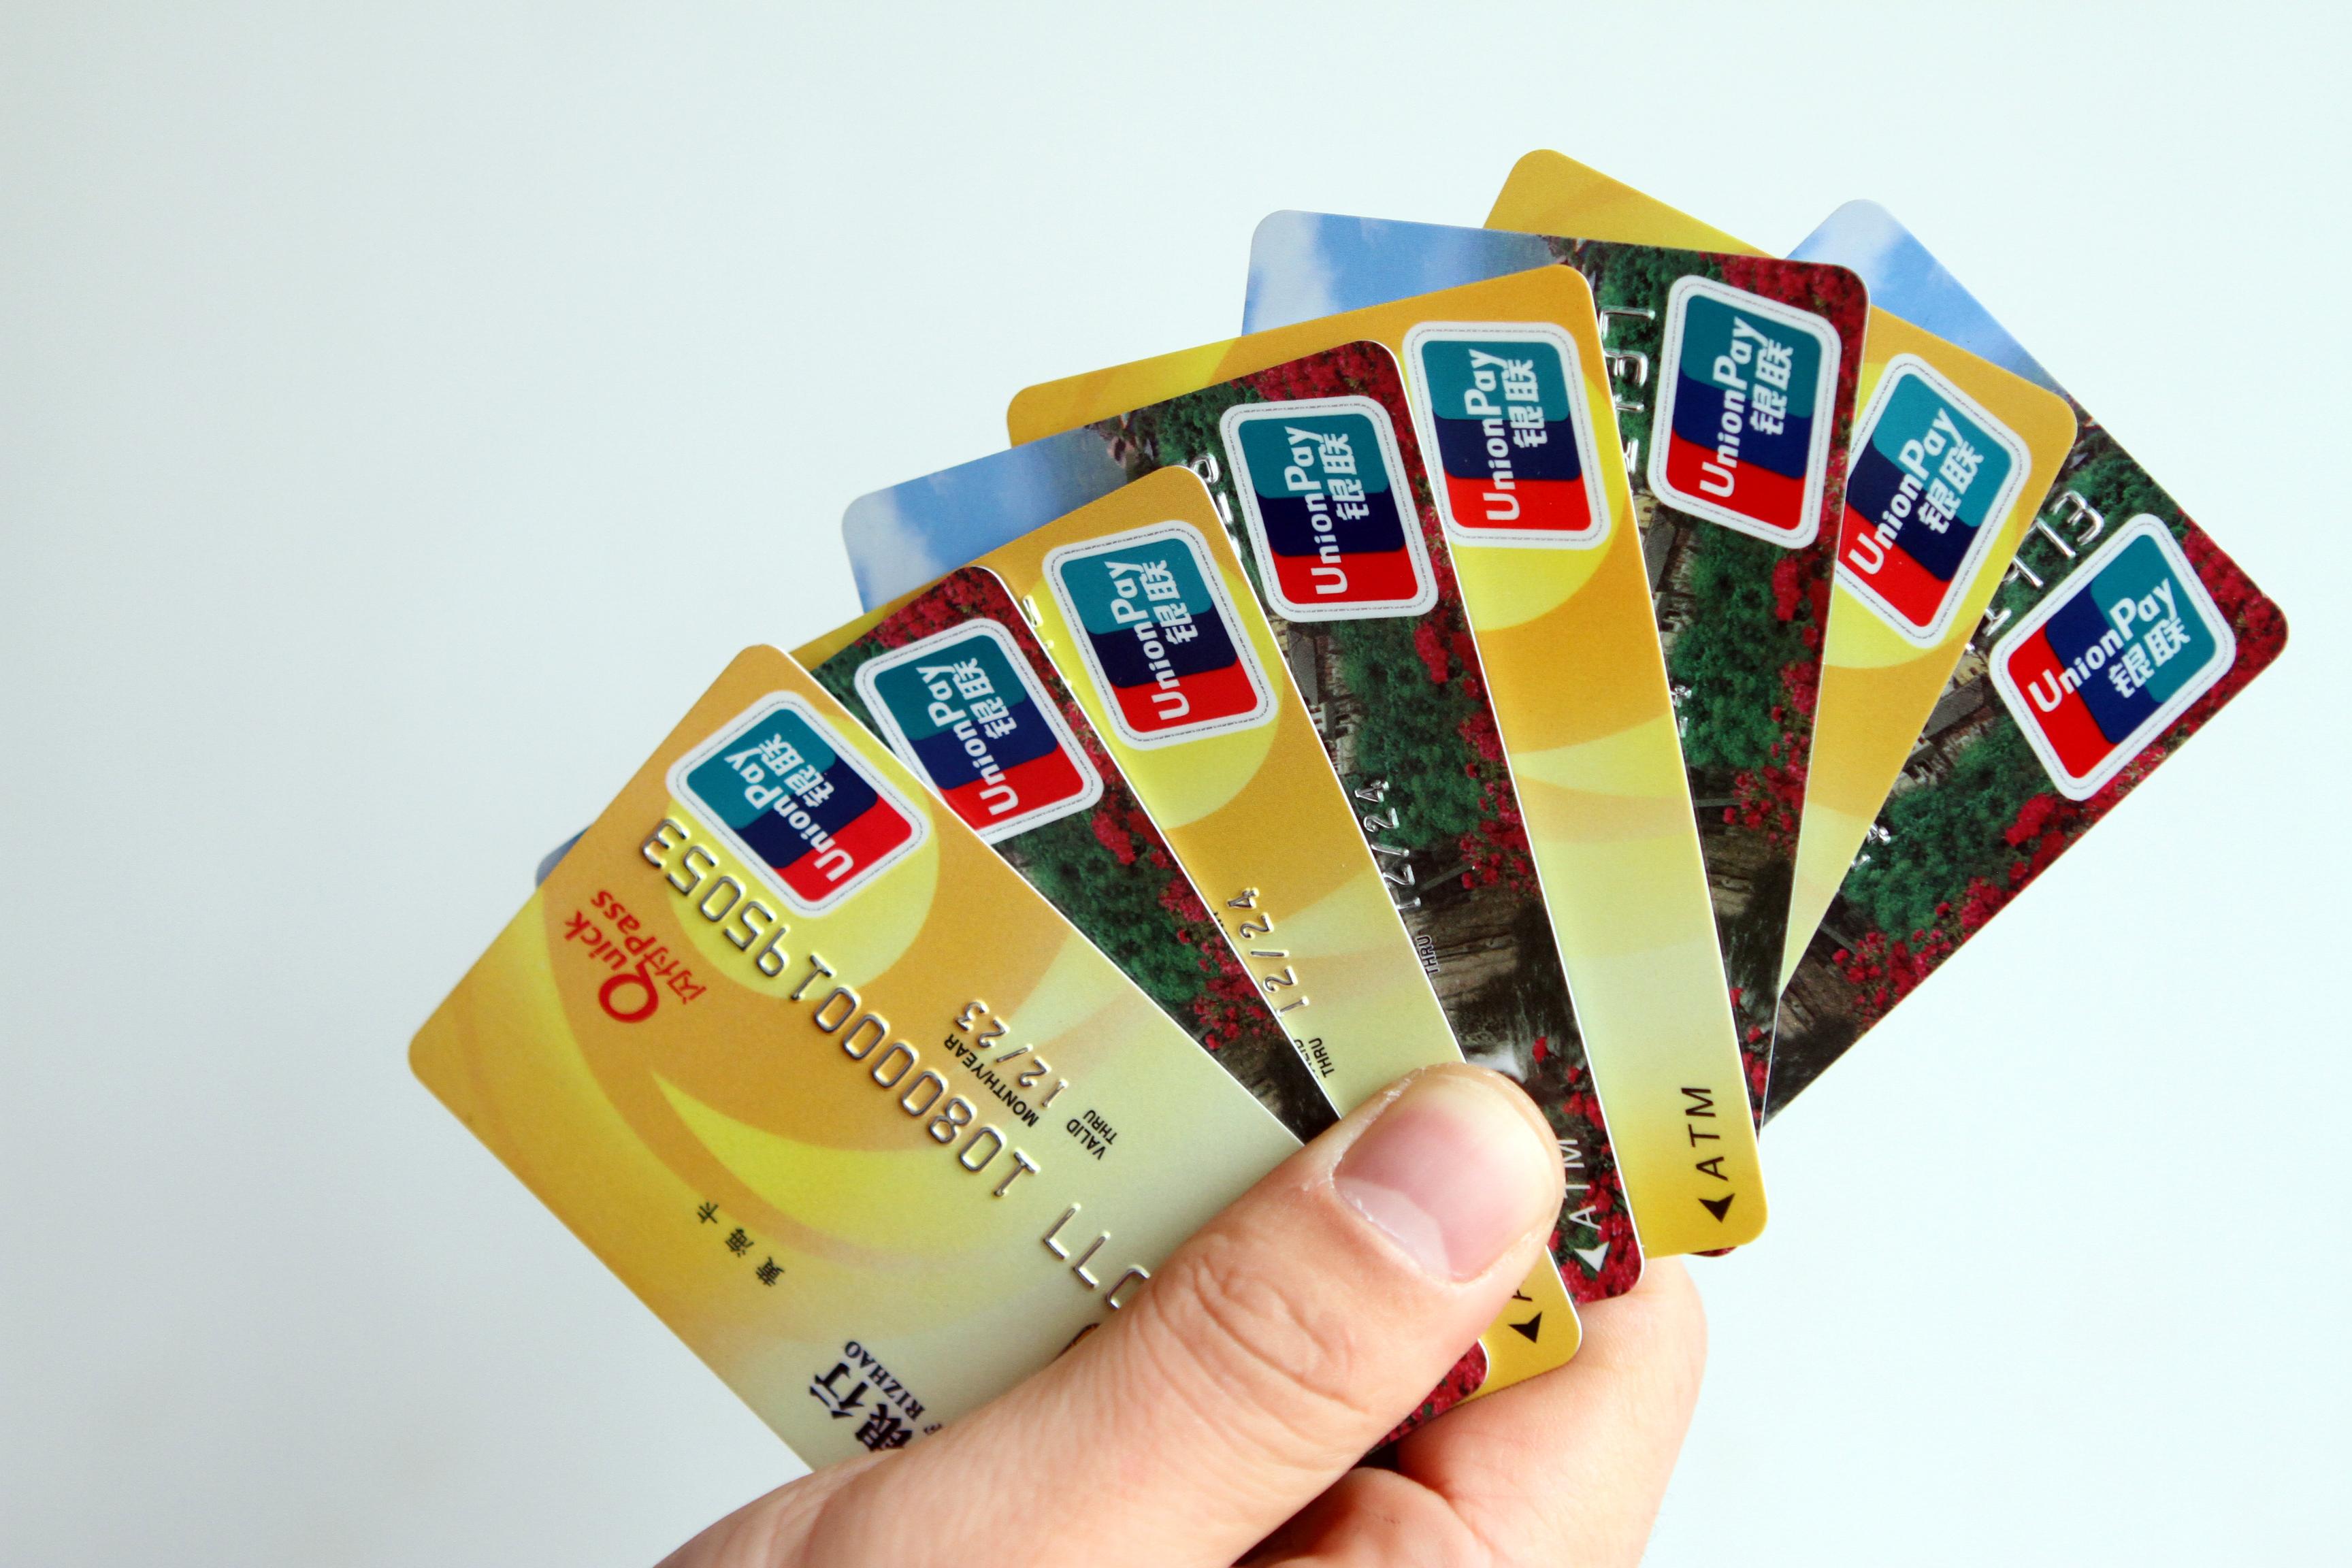 2019年最全最详细的浦发银行信用卡玩法攻略!